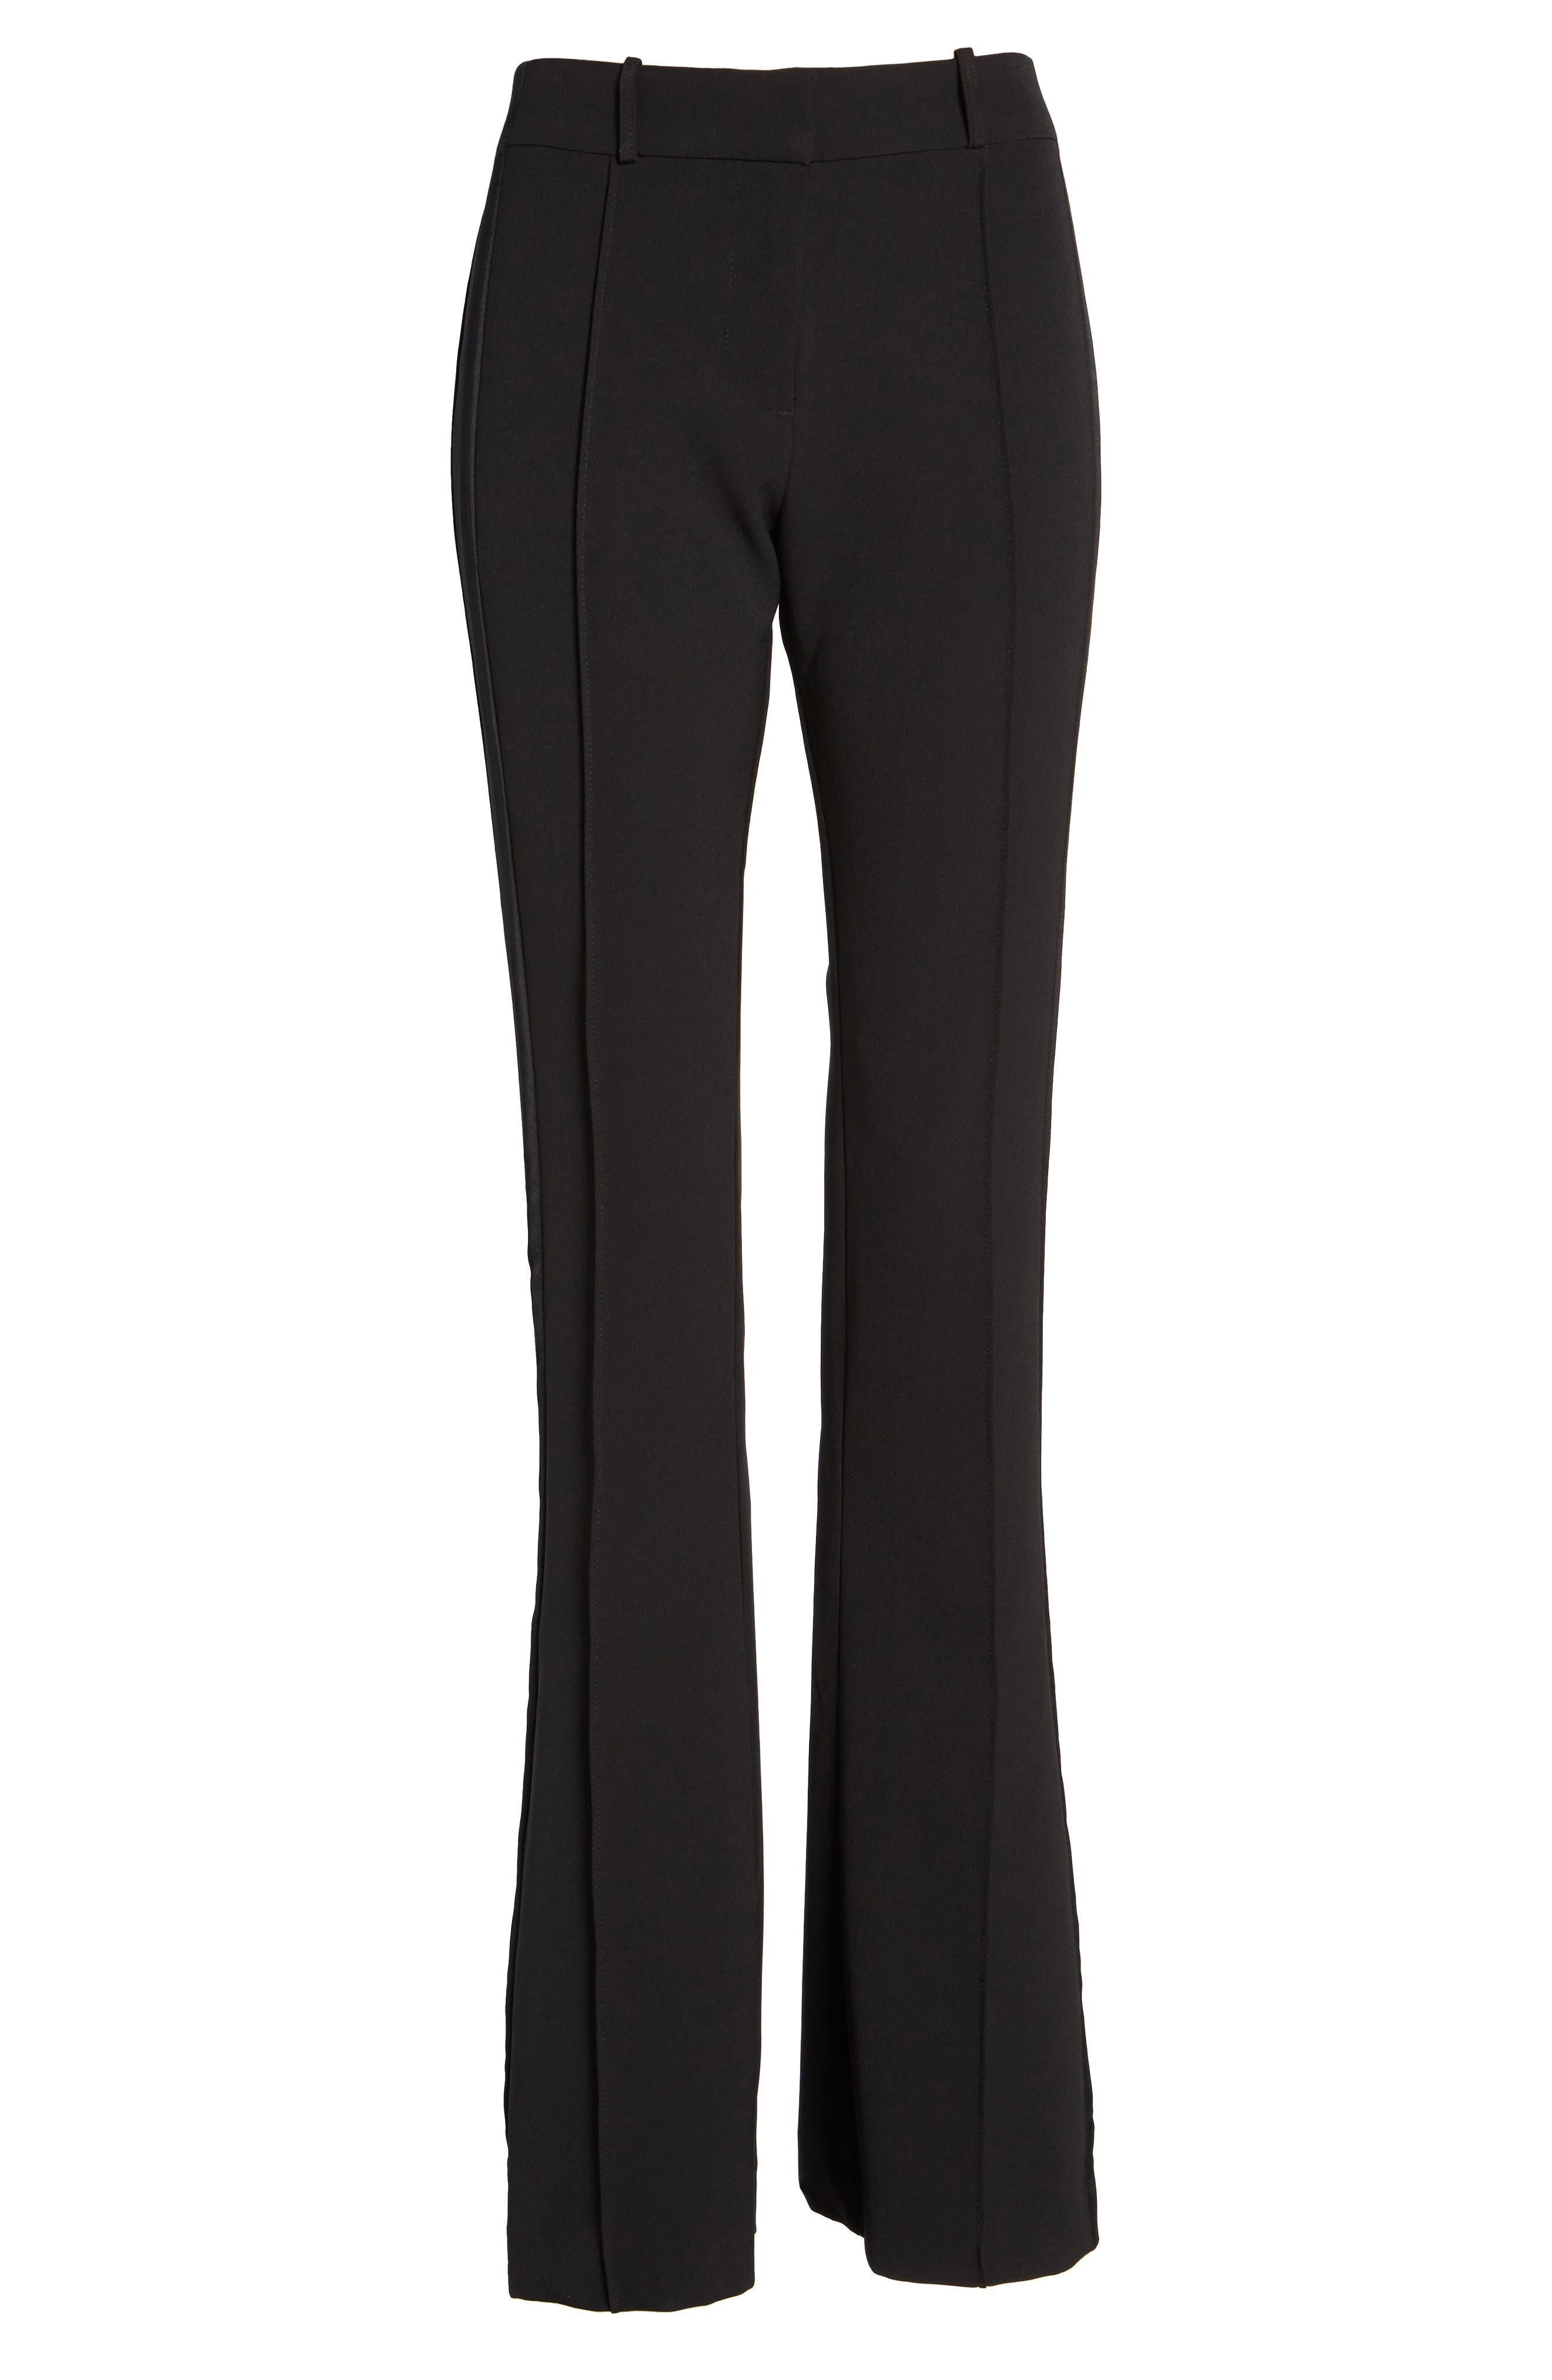 Roxy Flare Leg Pants,                             Alternate thumbnail 6, color,                             Black